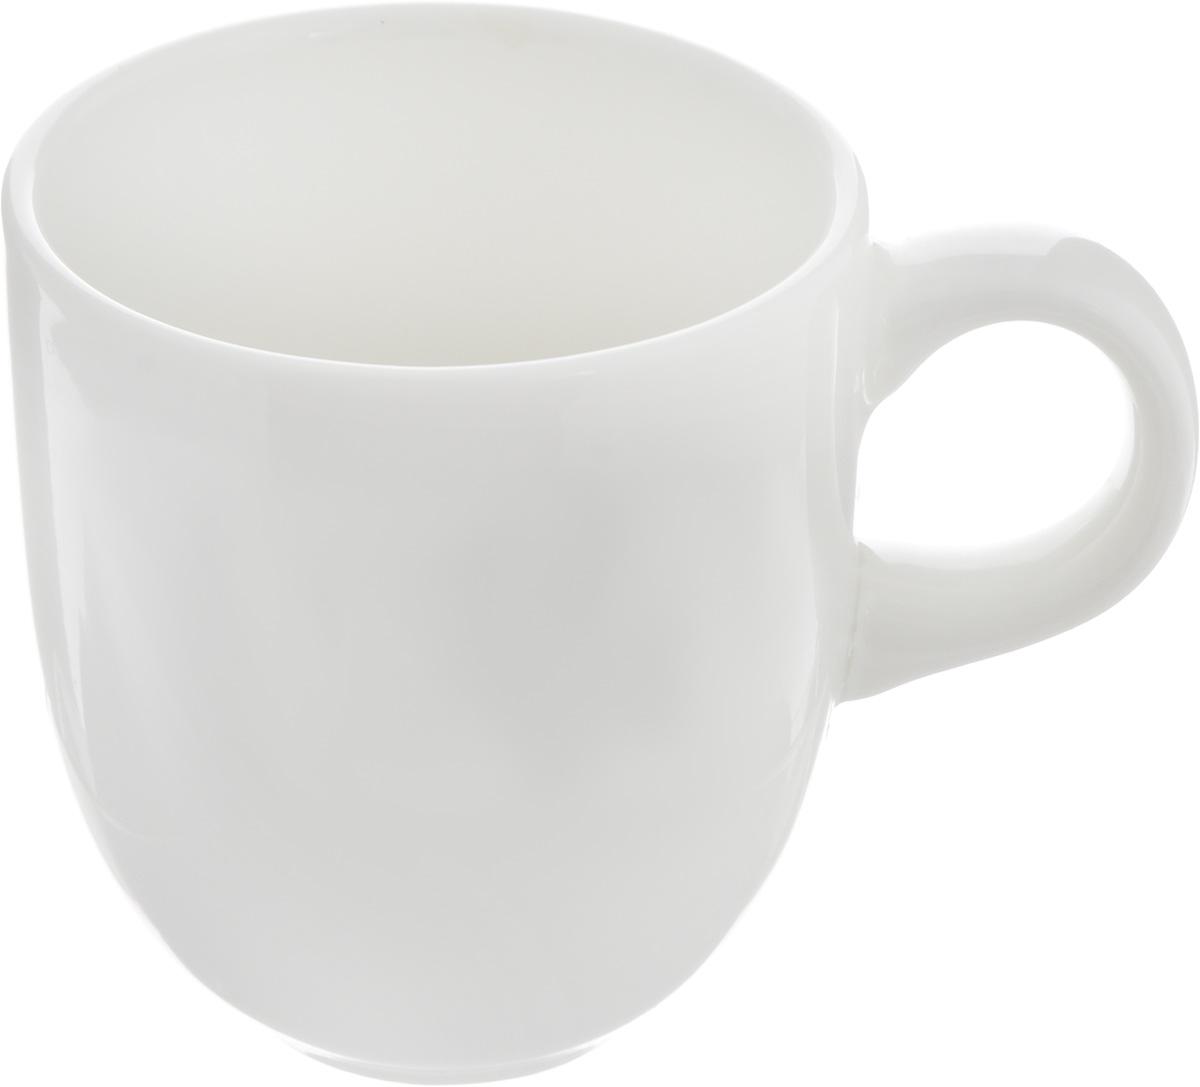 Чашка кофейная Ariane Коуп, 90 млAVCARN44009Кофейная чашка Ariane Коуп изготовлена из высококачественного фарфора с глазурованным покрытием. Приятный глазу дизайн и отменное качество чашки будут долго радовать вас.Чашка Ariane Коуп украсит сервировку вашего стола и подчеркнет прекрасный вкус хозяина.Можно мыть в посудомоечной машине и использовать в микроволновой печи.Диаметр чашки (по верхнему краю): 5,5 см.Высота соусника: 6,5 см.